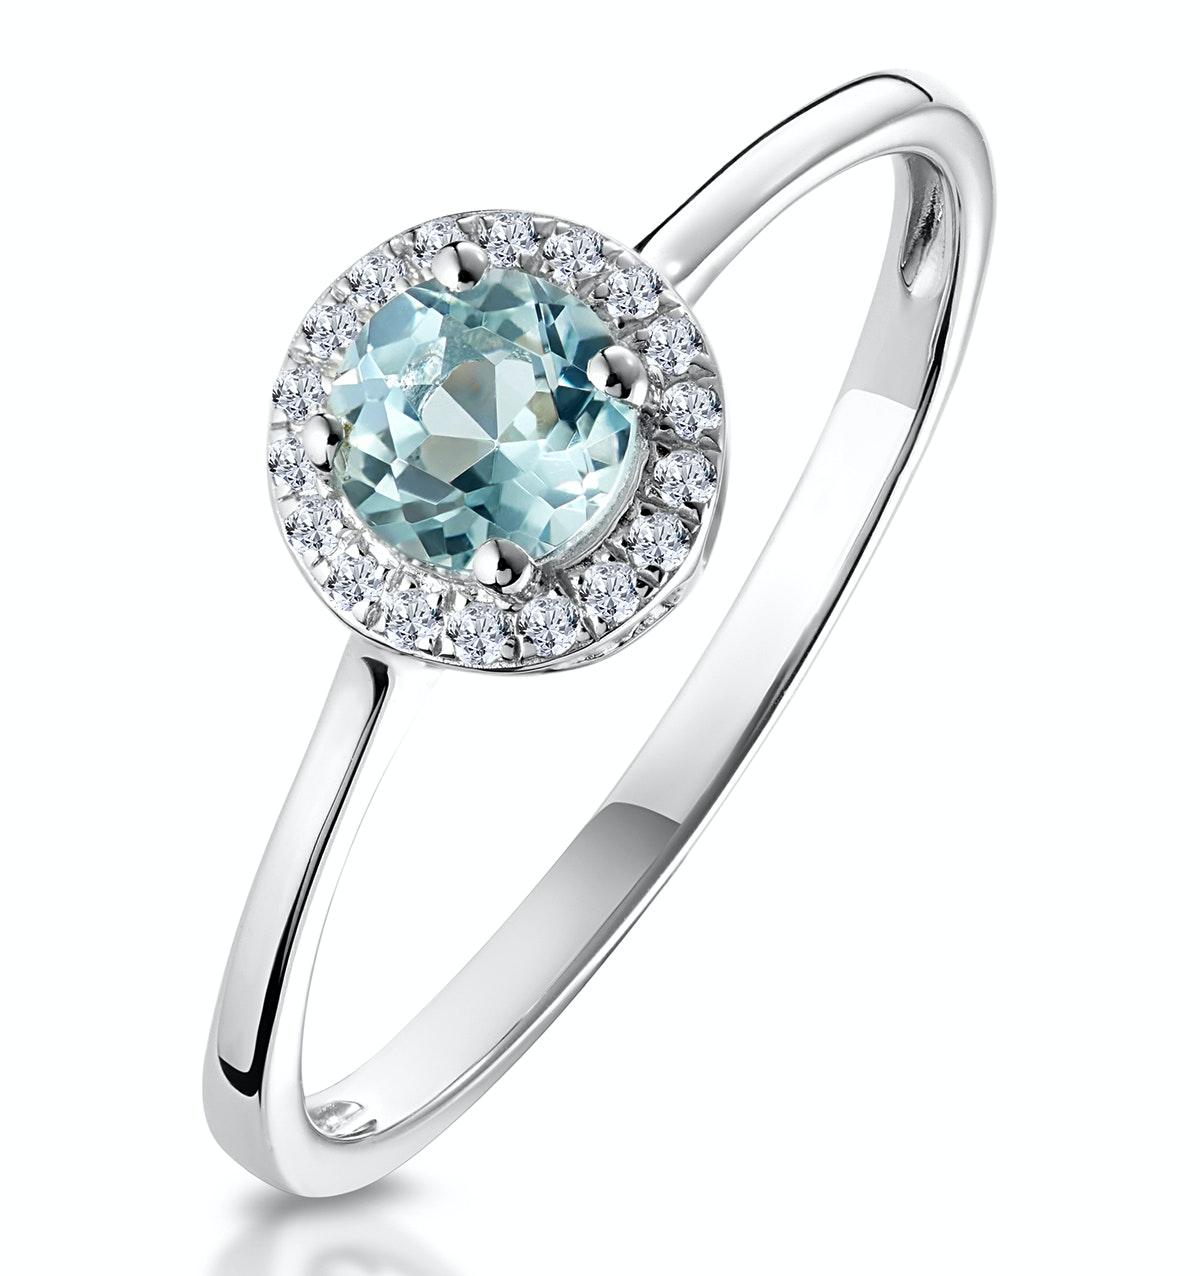 0.37ct Aquamarine and Diamond Stellato Ring in 9K White Gold